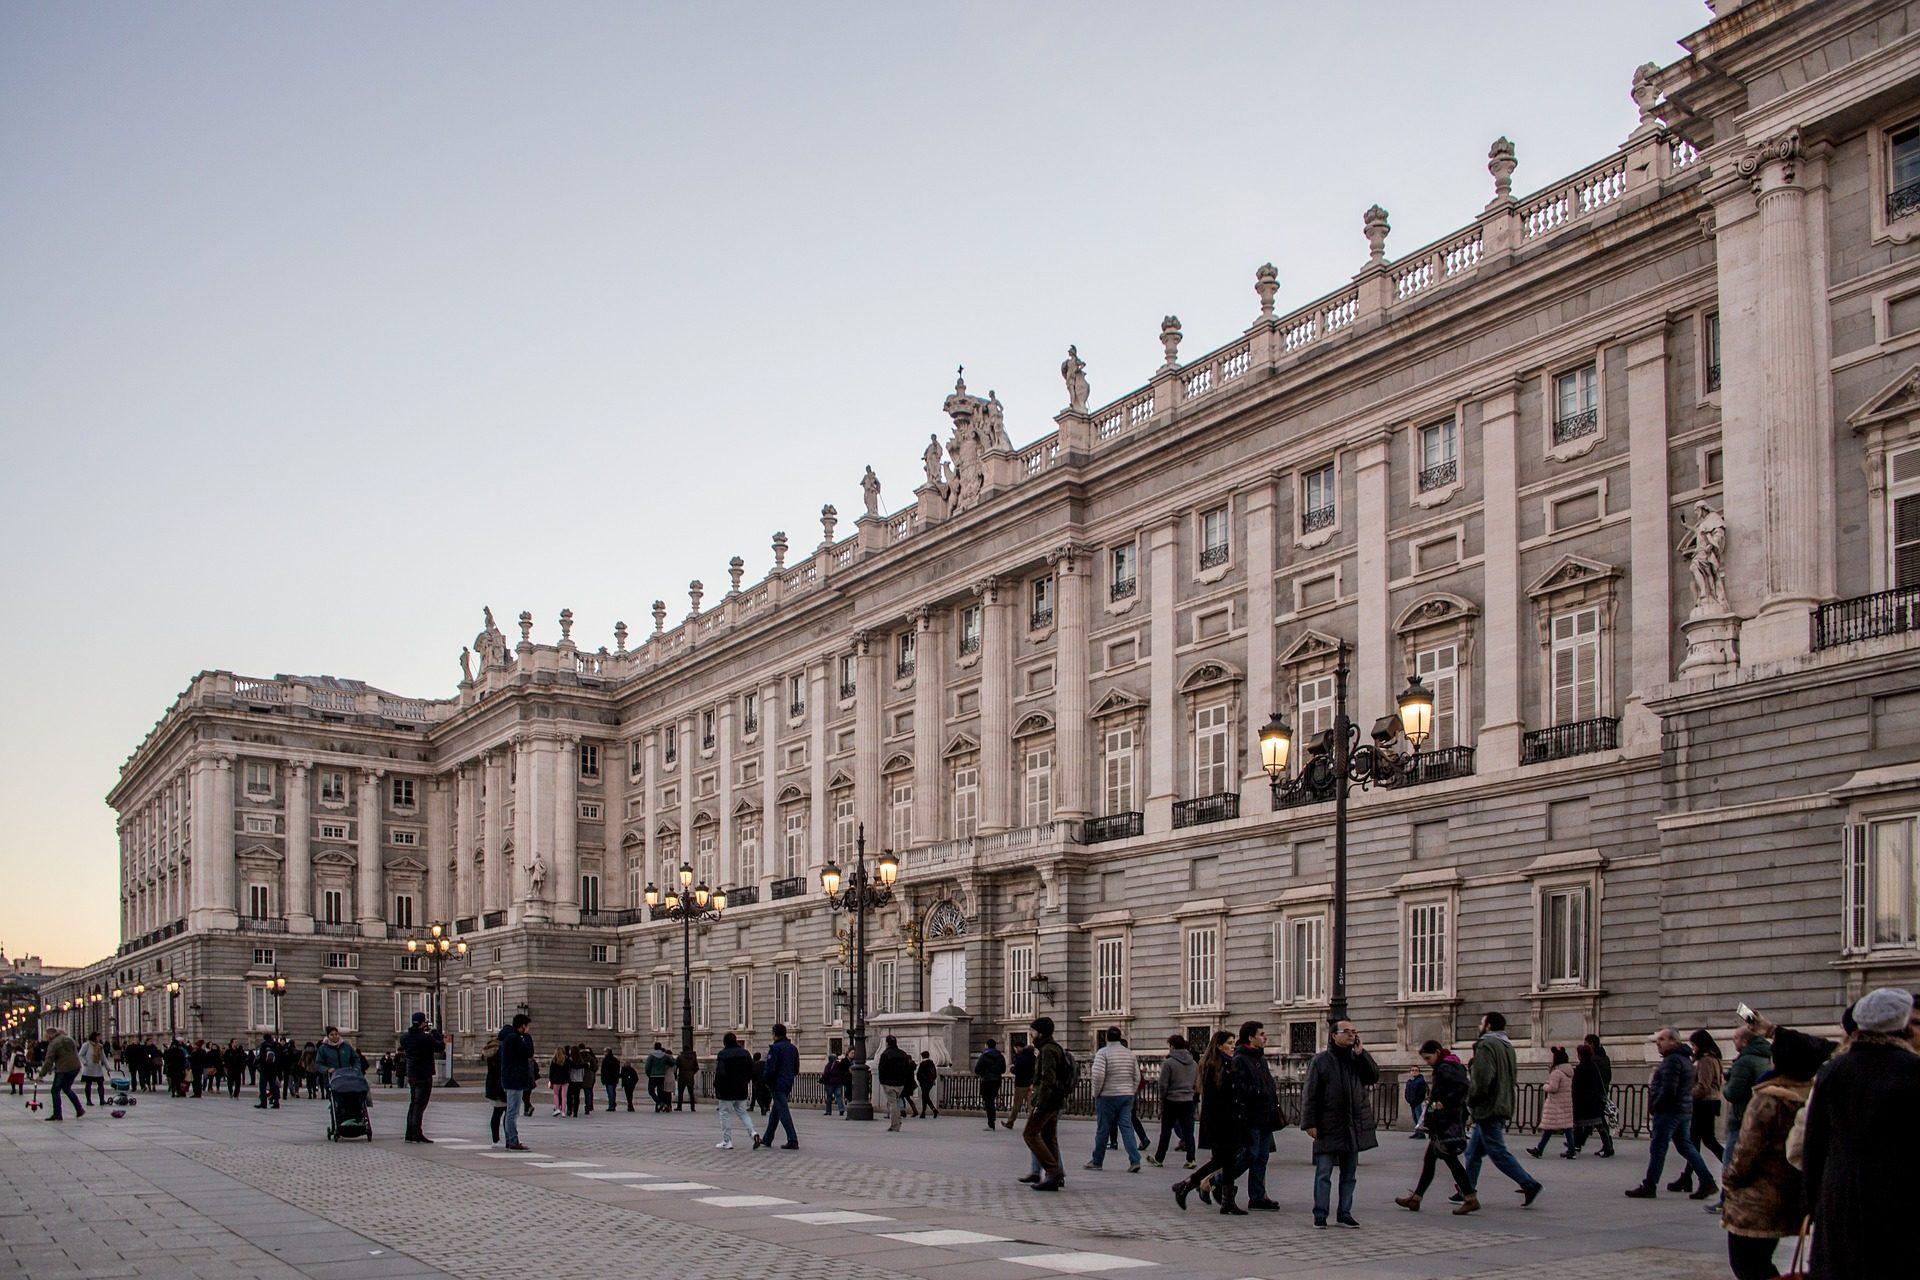 palacio, real, edificio, arquitectura, turismo, gente, madrid - Fondos de Pantalla HD - professor-falken.com